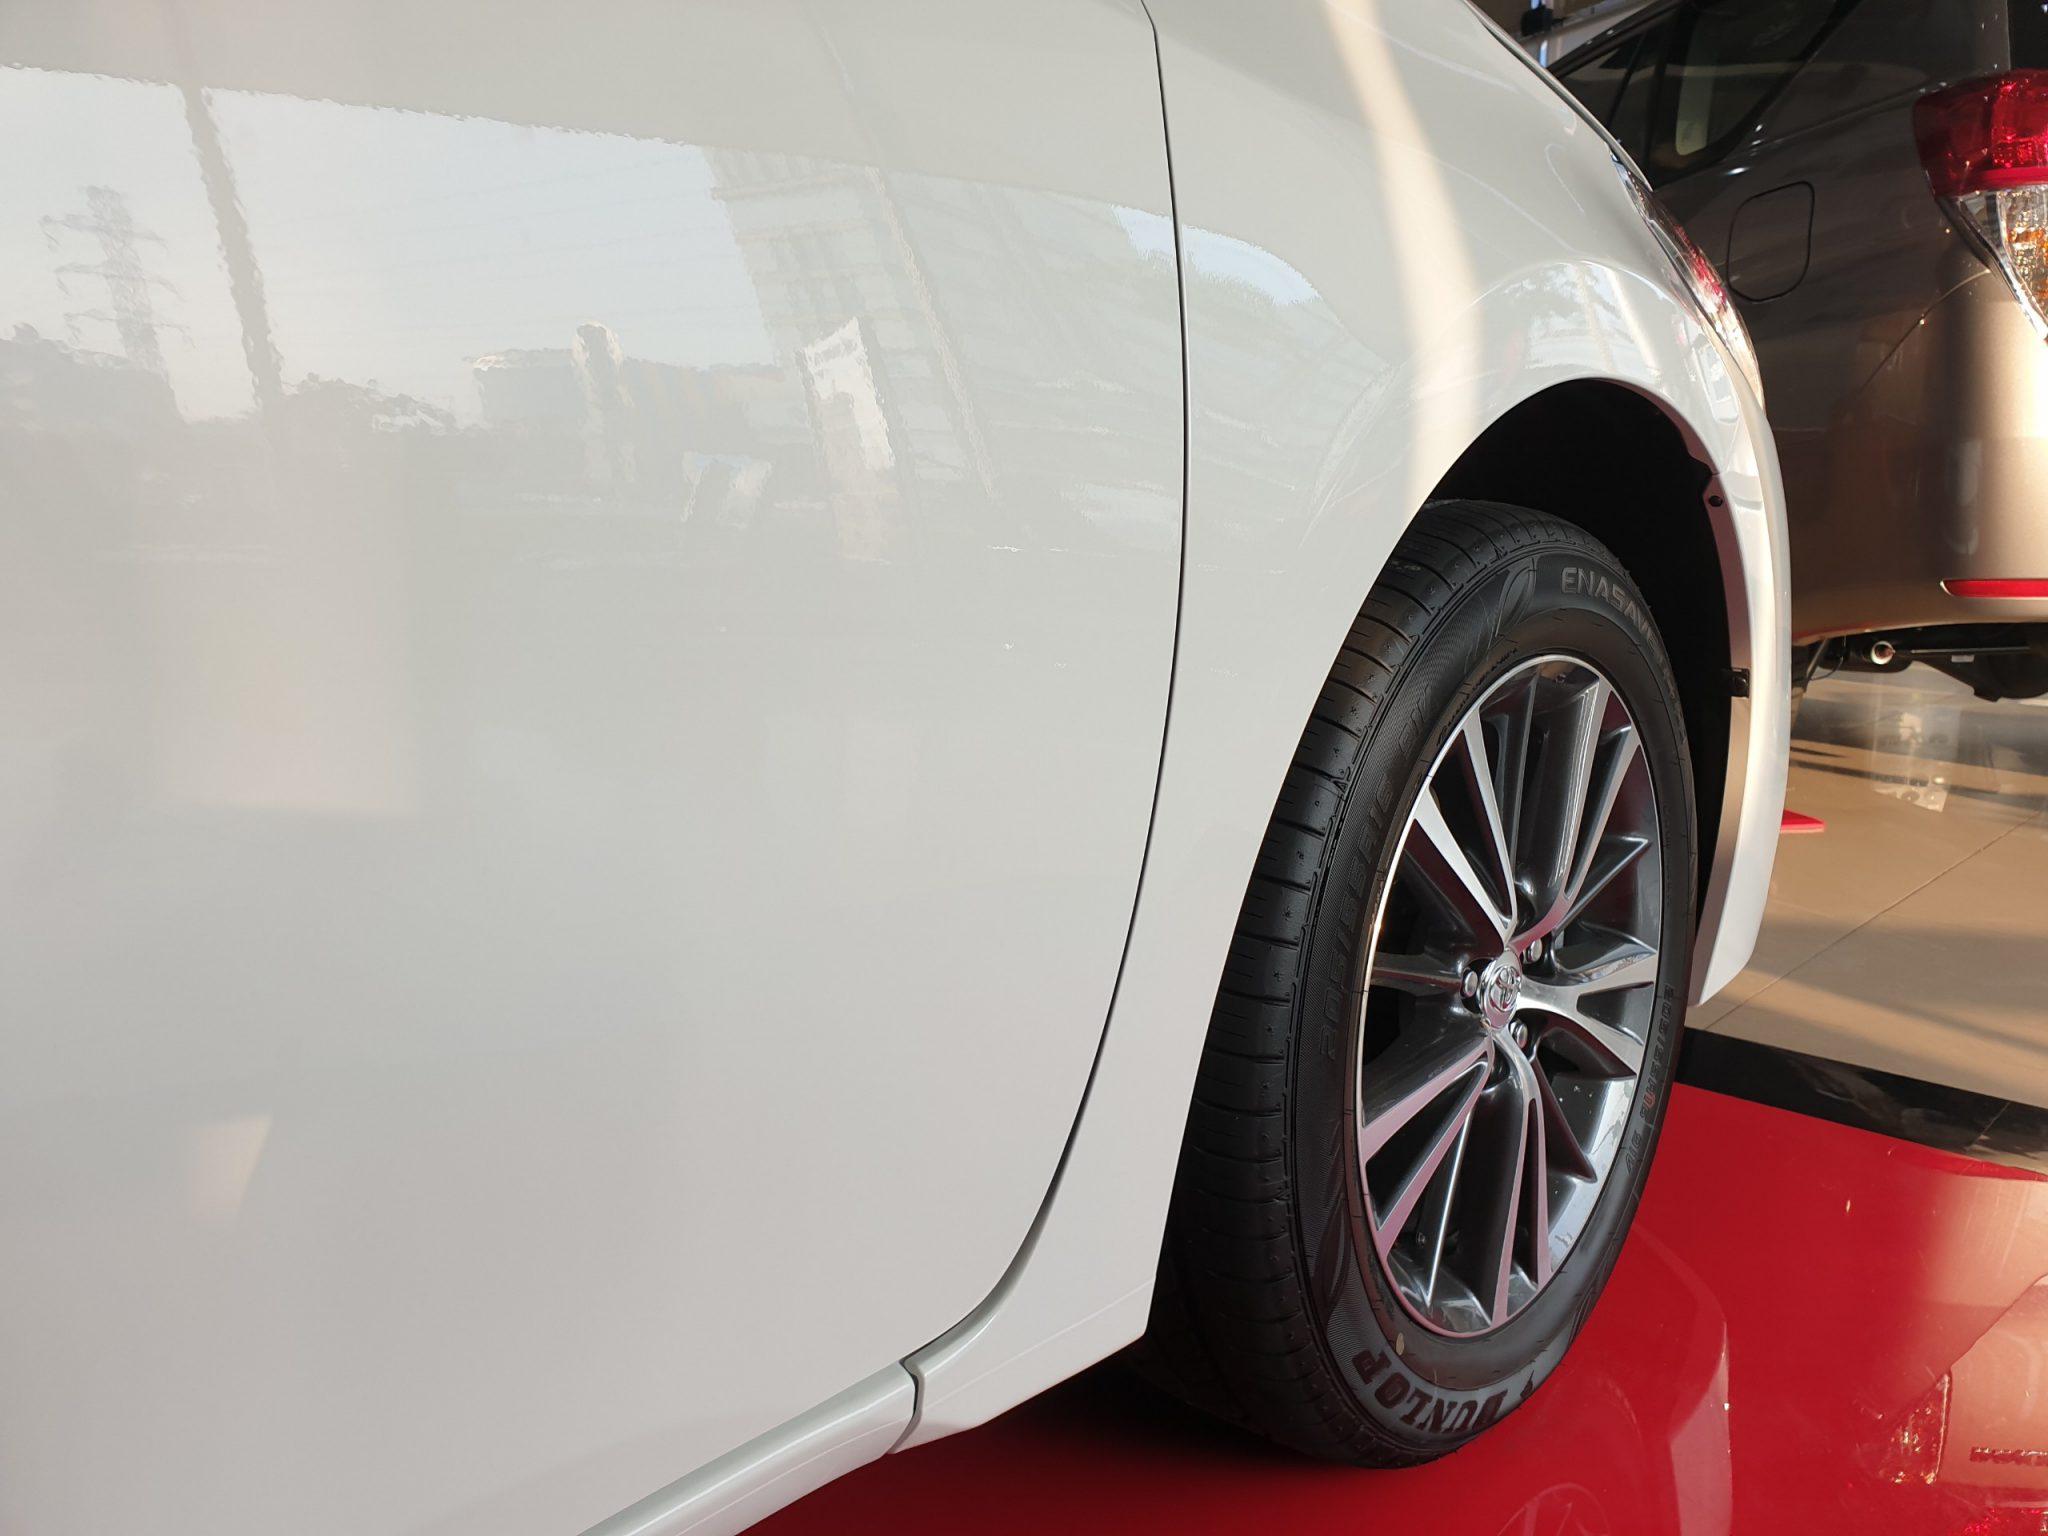 Altis 1.8 G CVT ảnh 9 - Altis 1.8 G CVT [hienthinam]: khuyến mãi và giá xe cập nhật mới